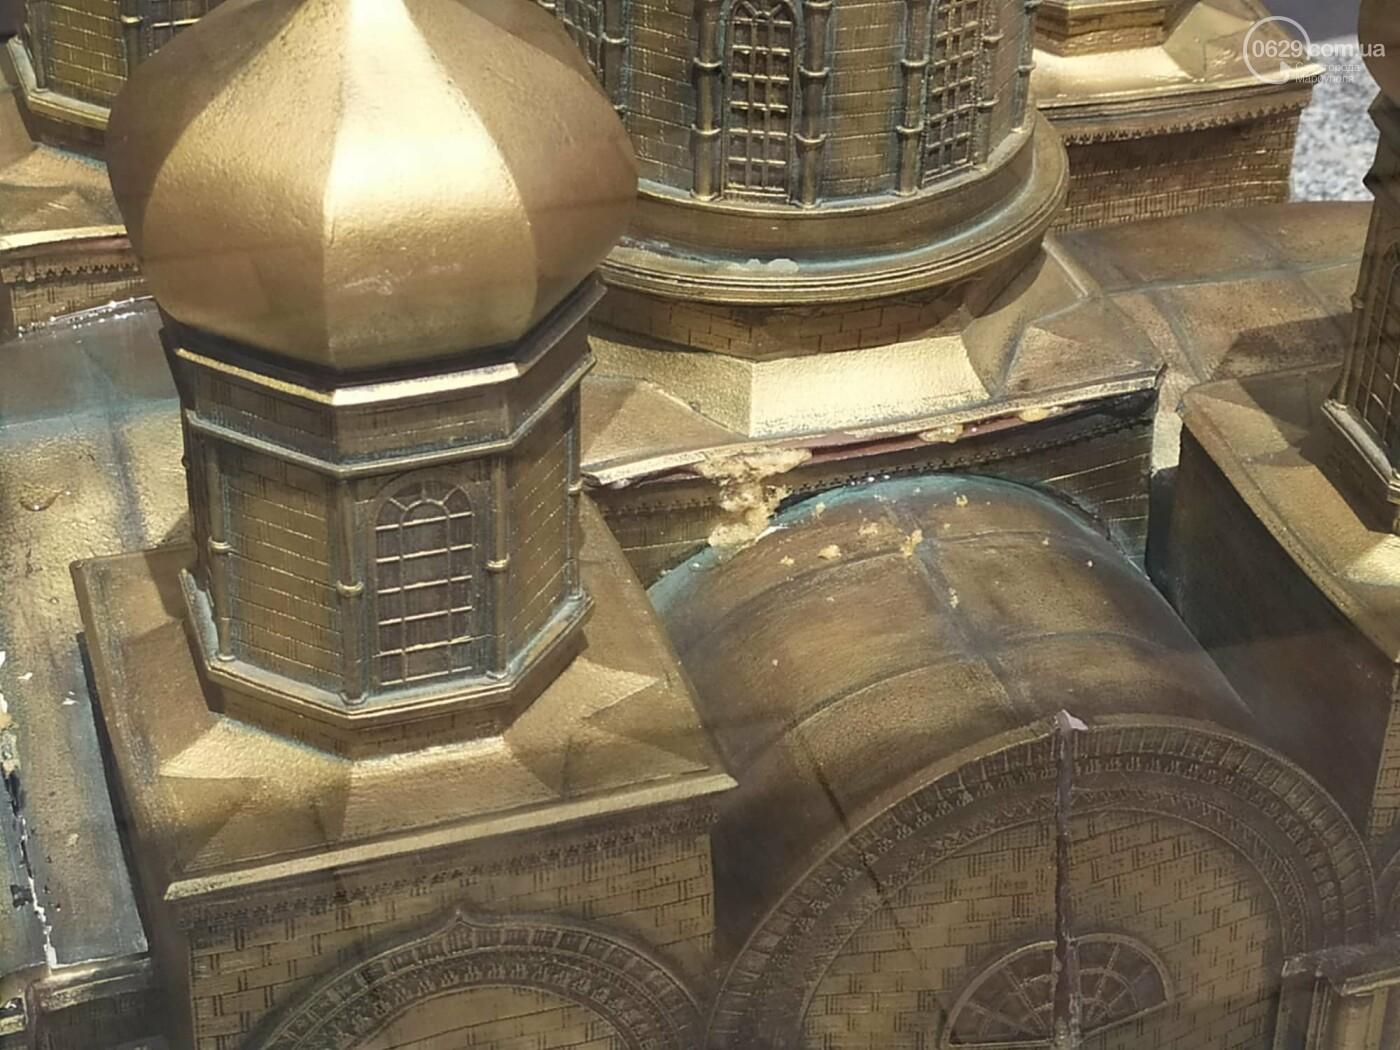 В Театральном сквере снова исчез макет храма Марии Магдалины, - ФОТО, фото-7